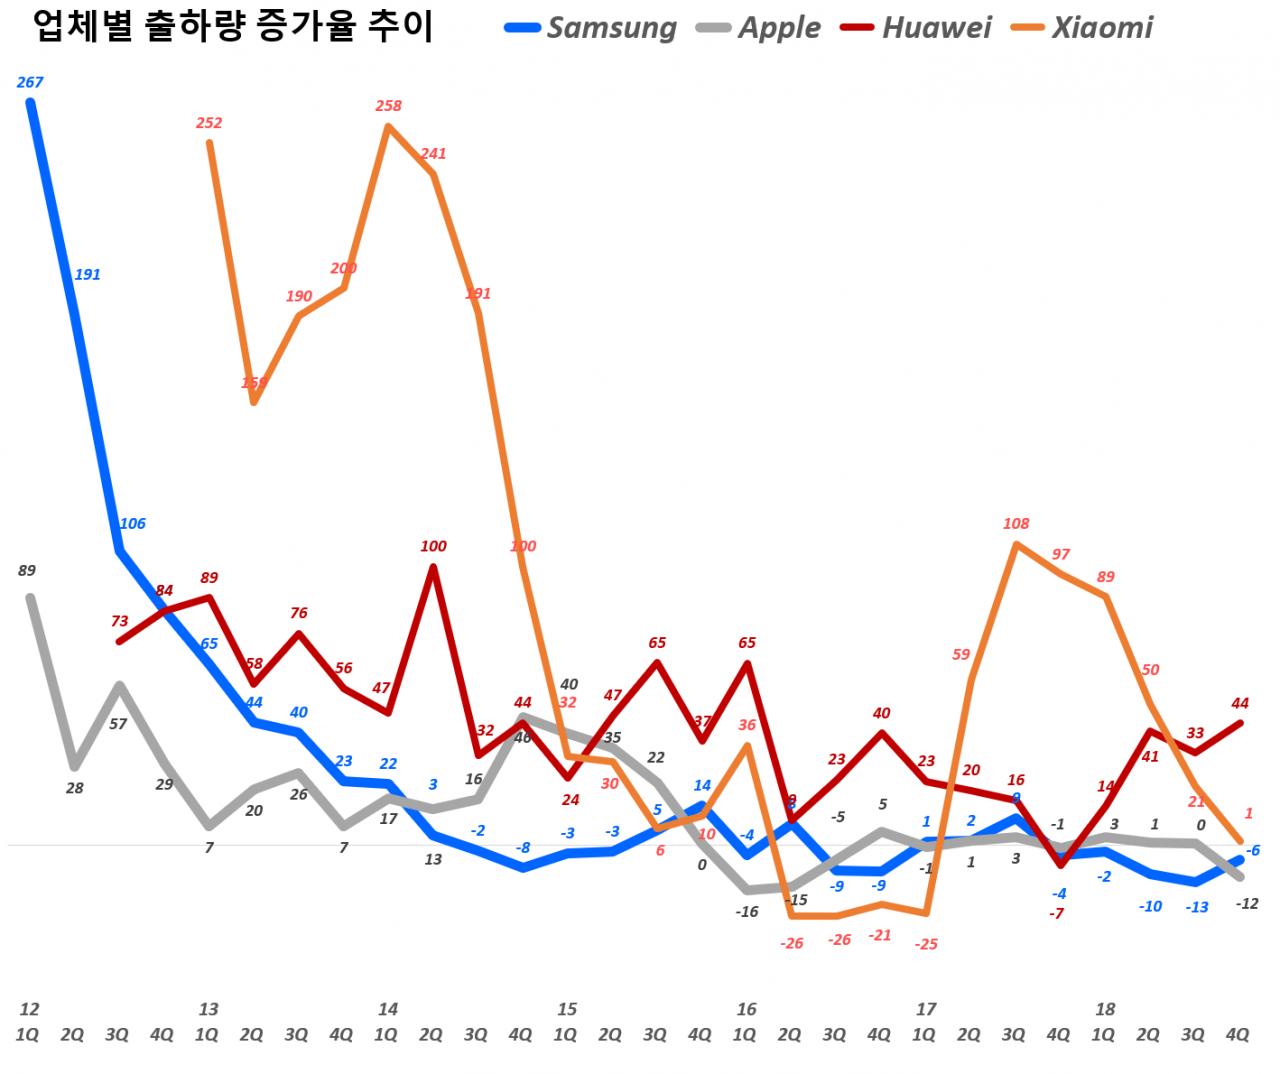 주요 업체별 전년 비 출하량 증가율 추이(2012년 1분기~2018년 4분기), data Source - IDC, Graph by happist